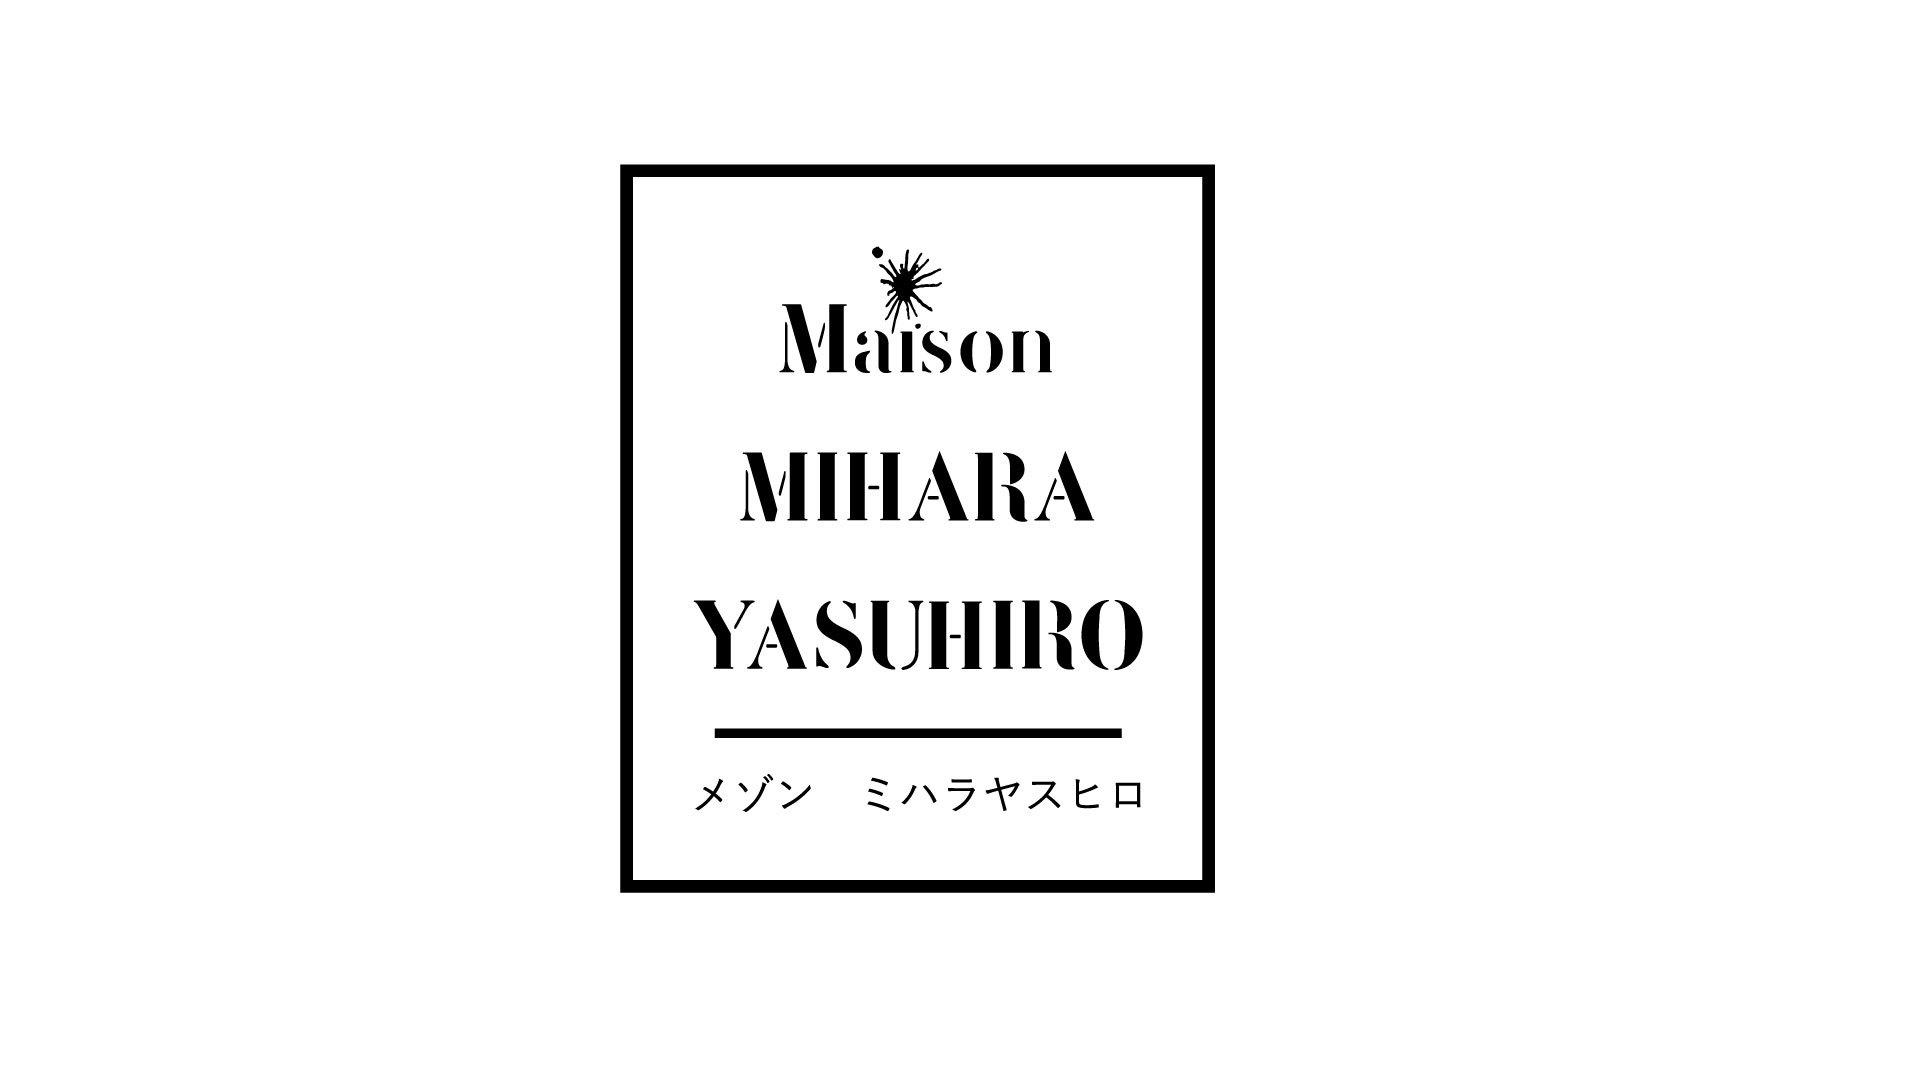 【Maison MIHARA YASUHIRO】生産管理の経験者を募集します!のカバー写真